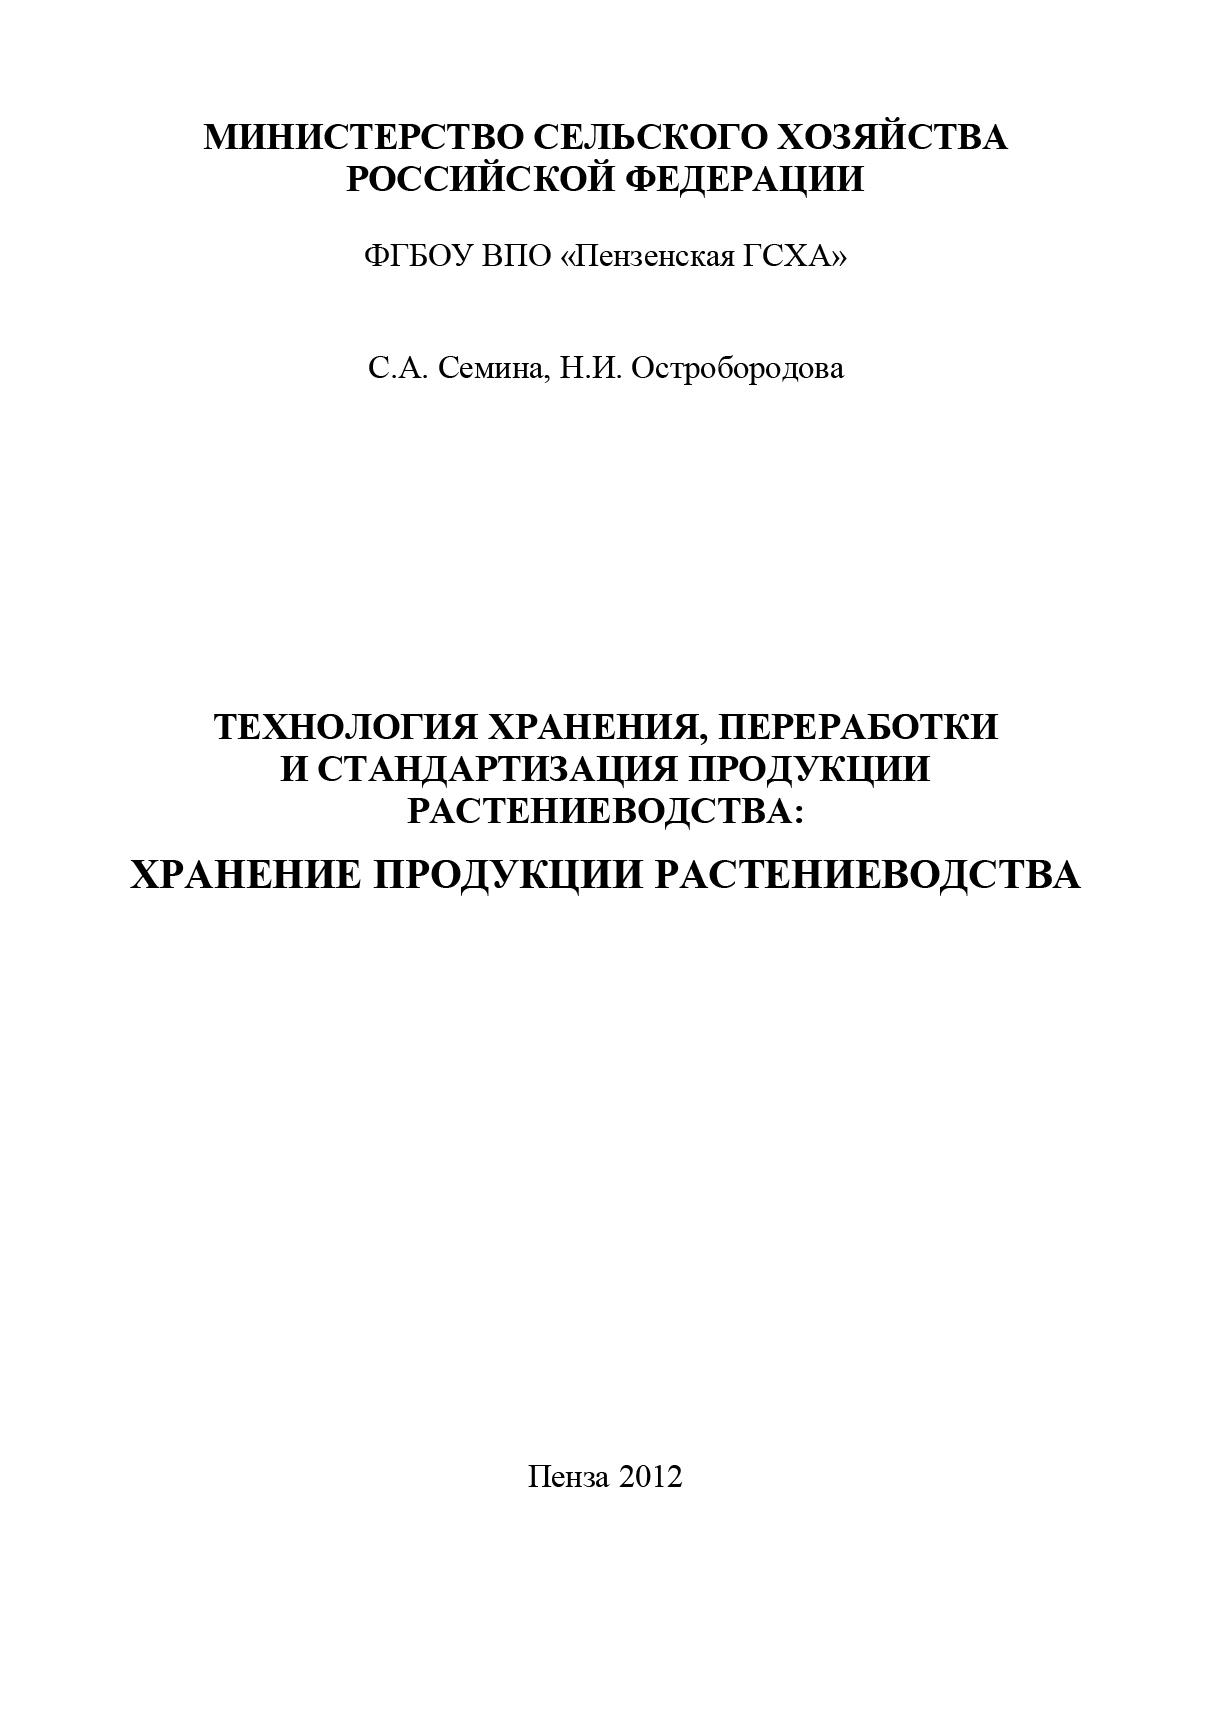 Н. И. Остробородова Технология хранения, переработки и стандартизация продукции растениеводства: хранение продукции растениеводства а в долбилин теоретические основы производства продукции растениеводства